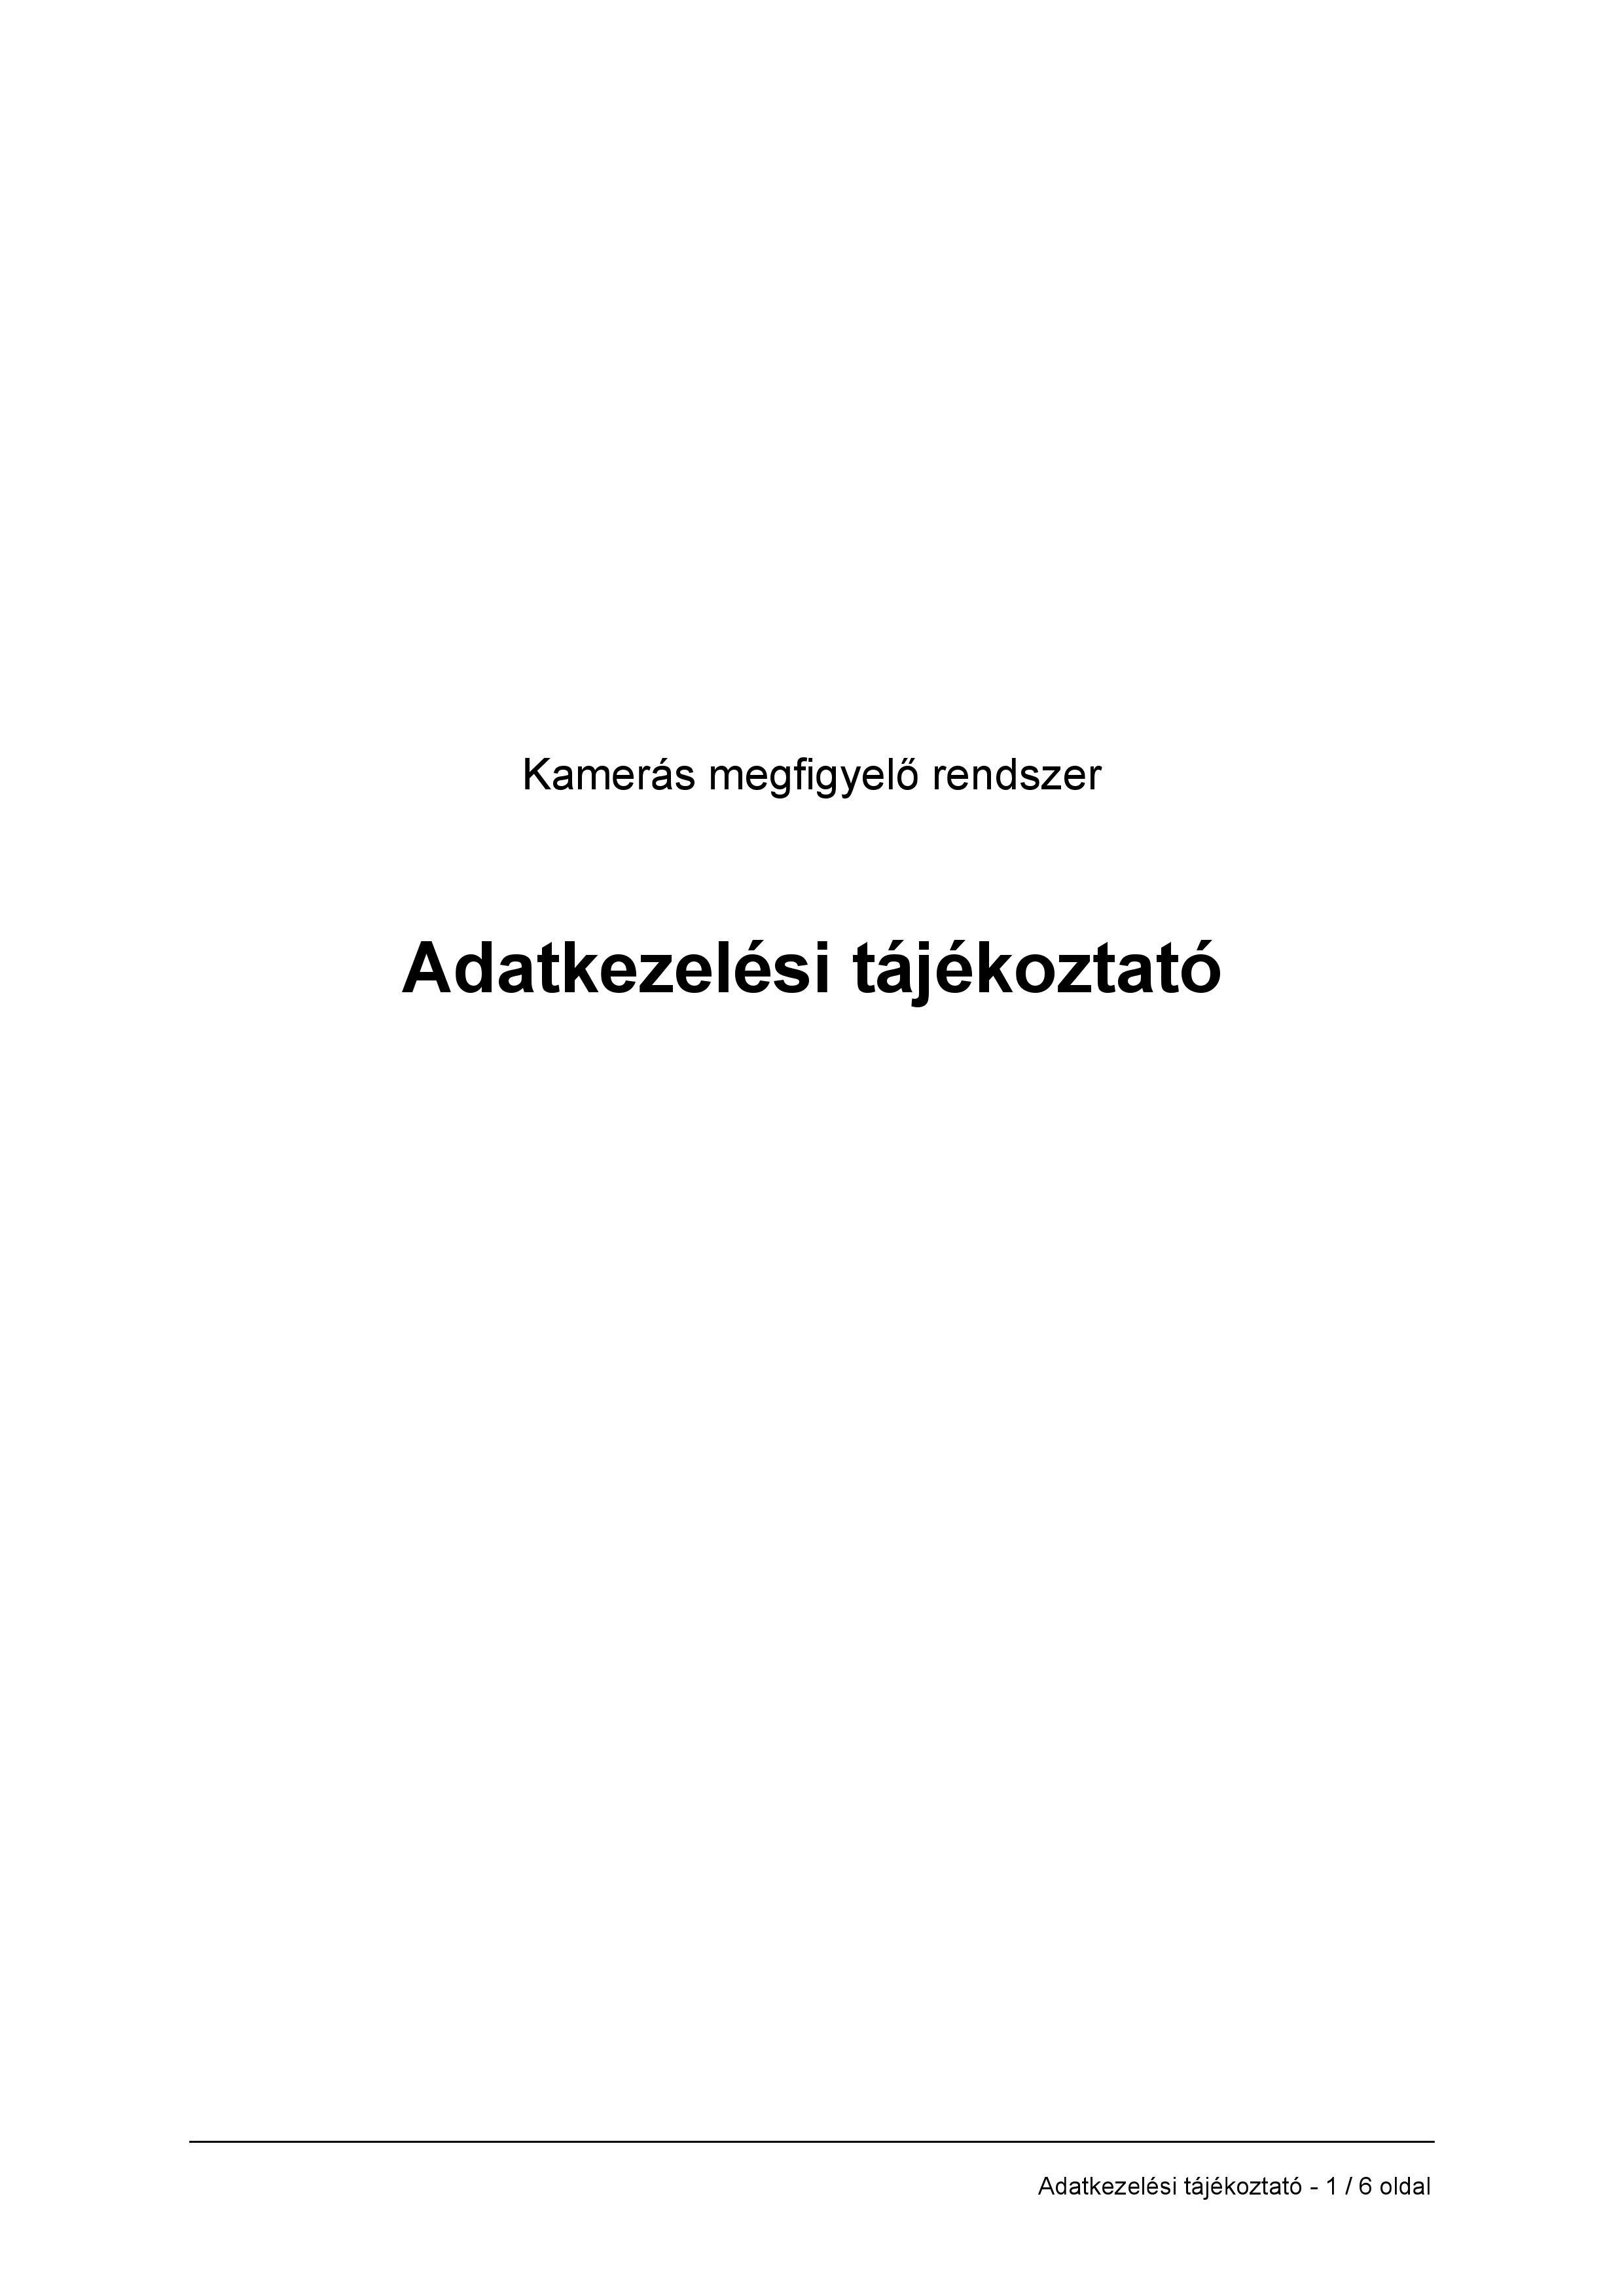 7e8e77c18a Adatkezelési Tájékoztató Minta KAMERÁS Megfigyelő Rendszerhez ...